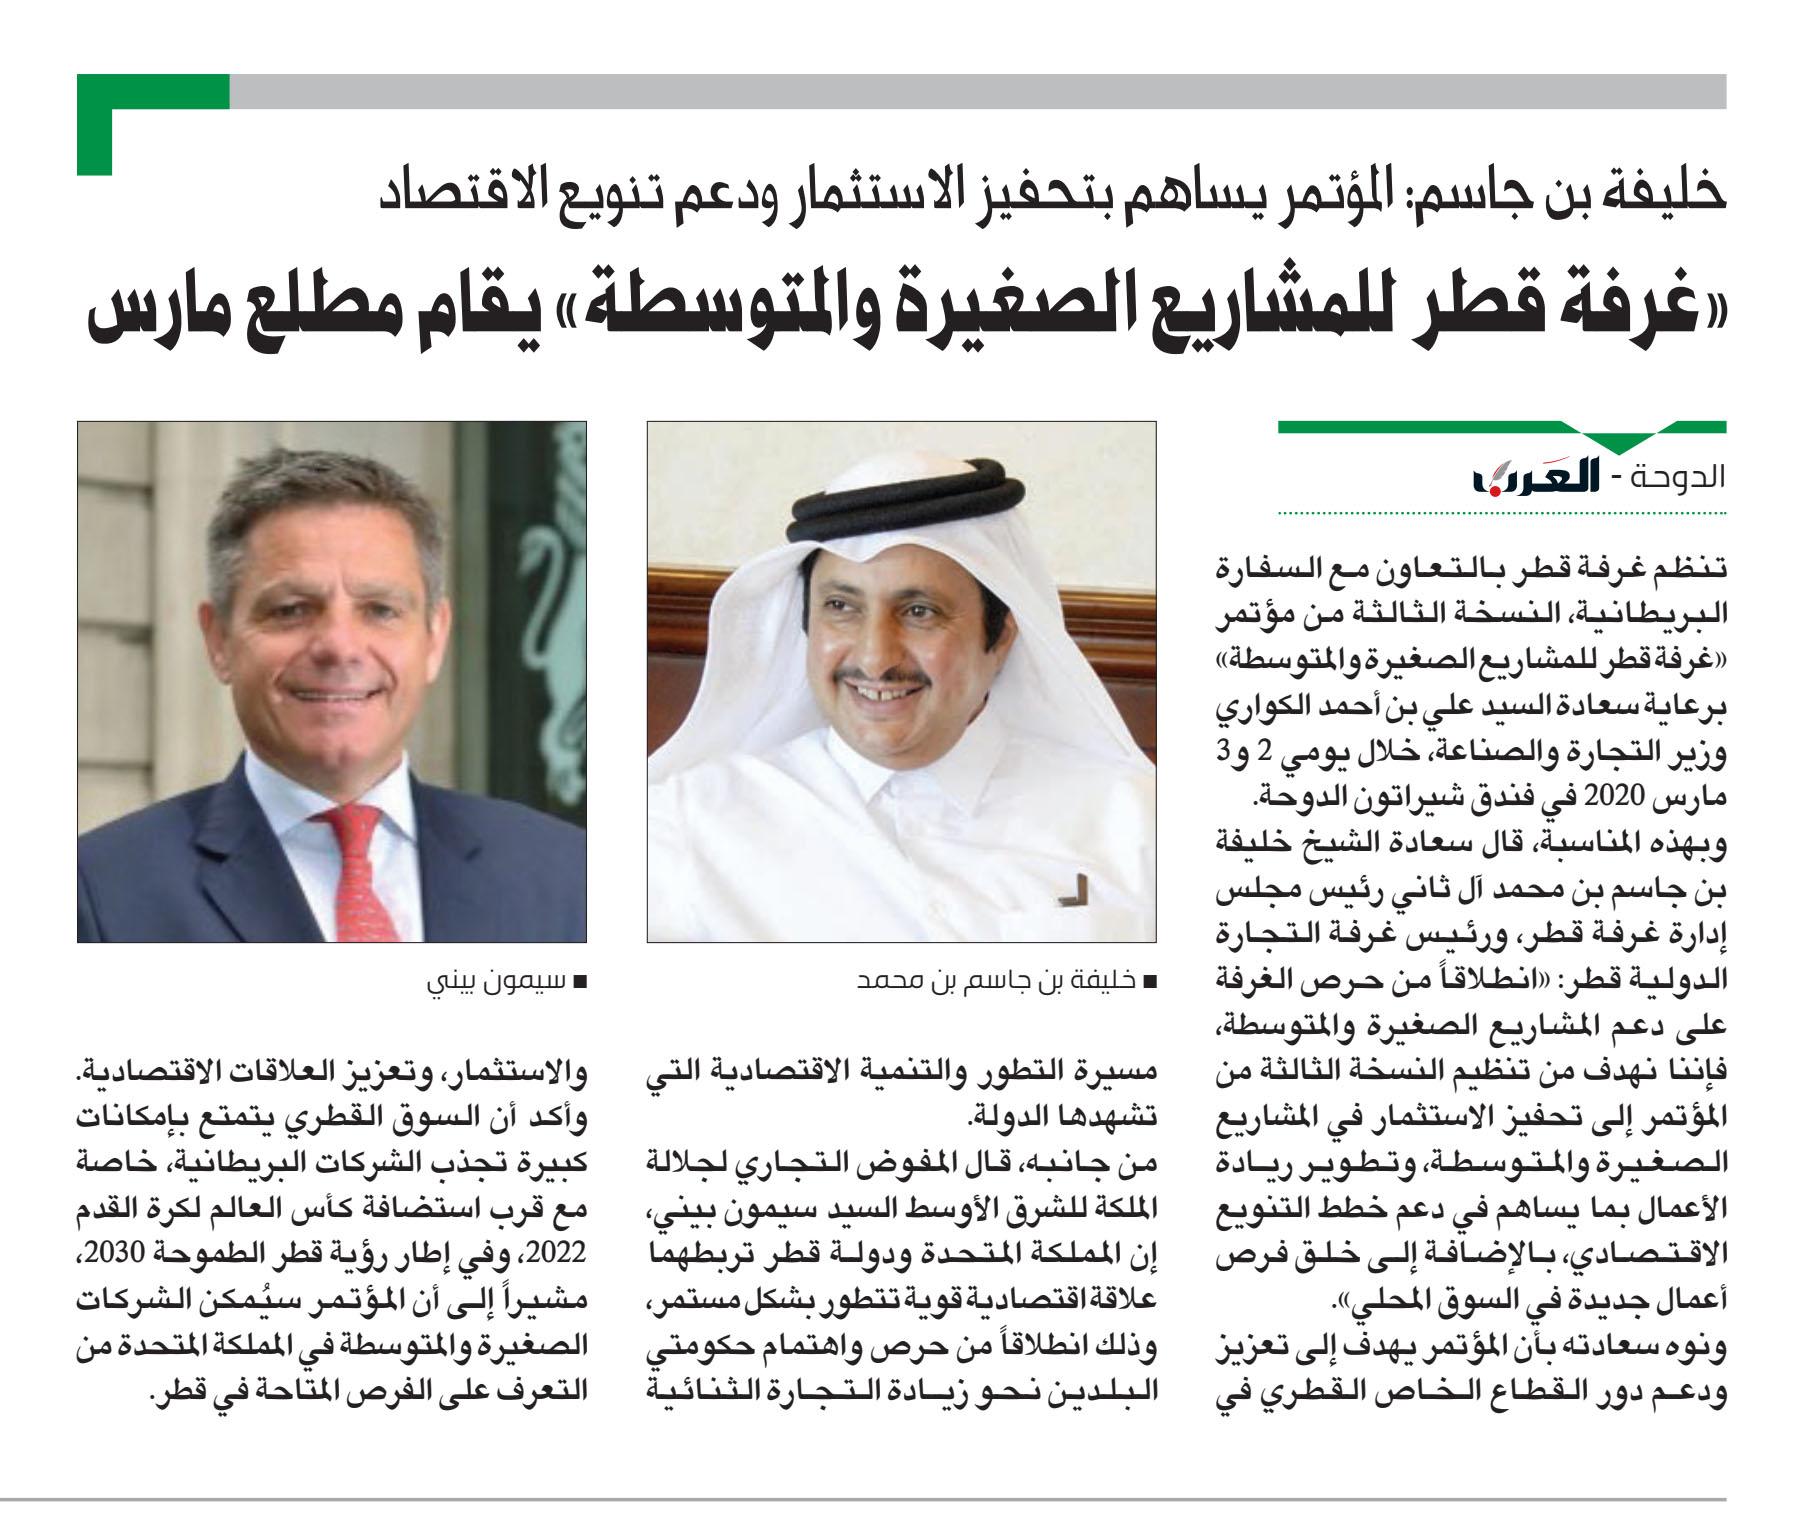 غرفة قطر للمشاريع الصغيرة و المتوسطة يقام مطلع مارس